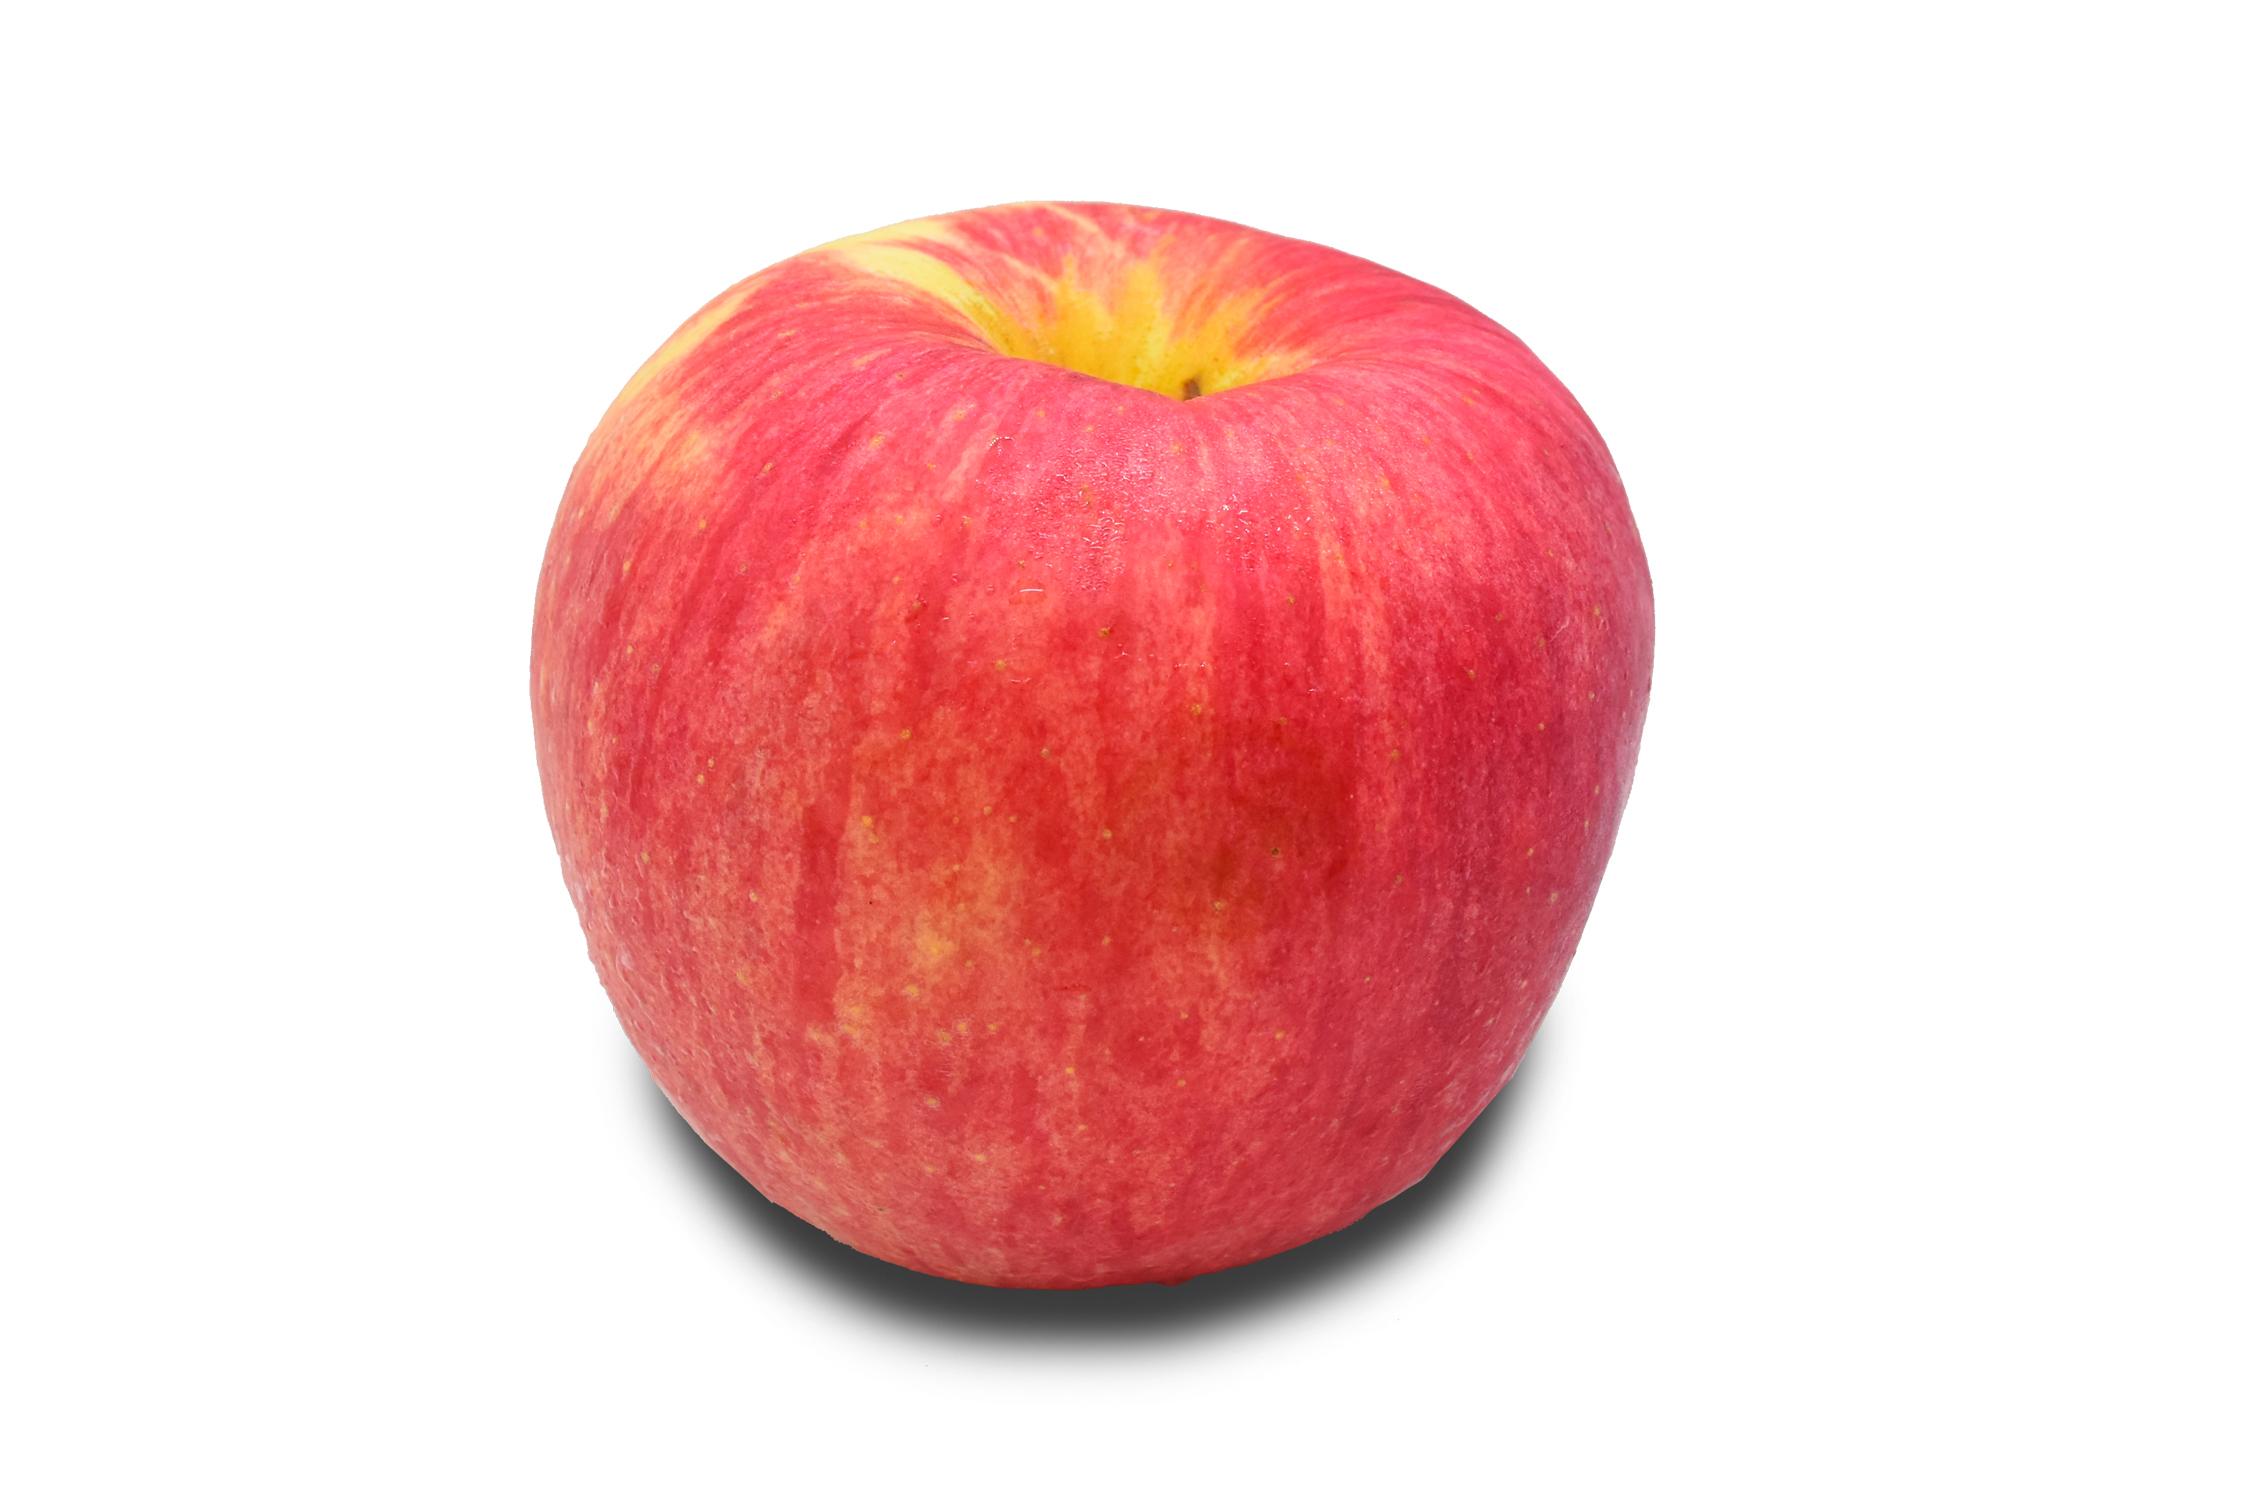 apple-fuji-jumbo